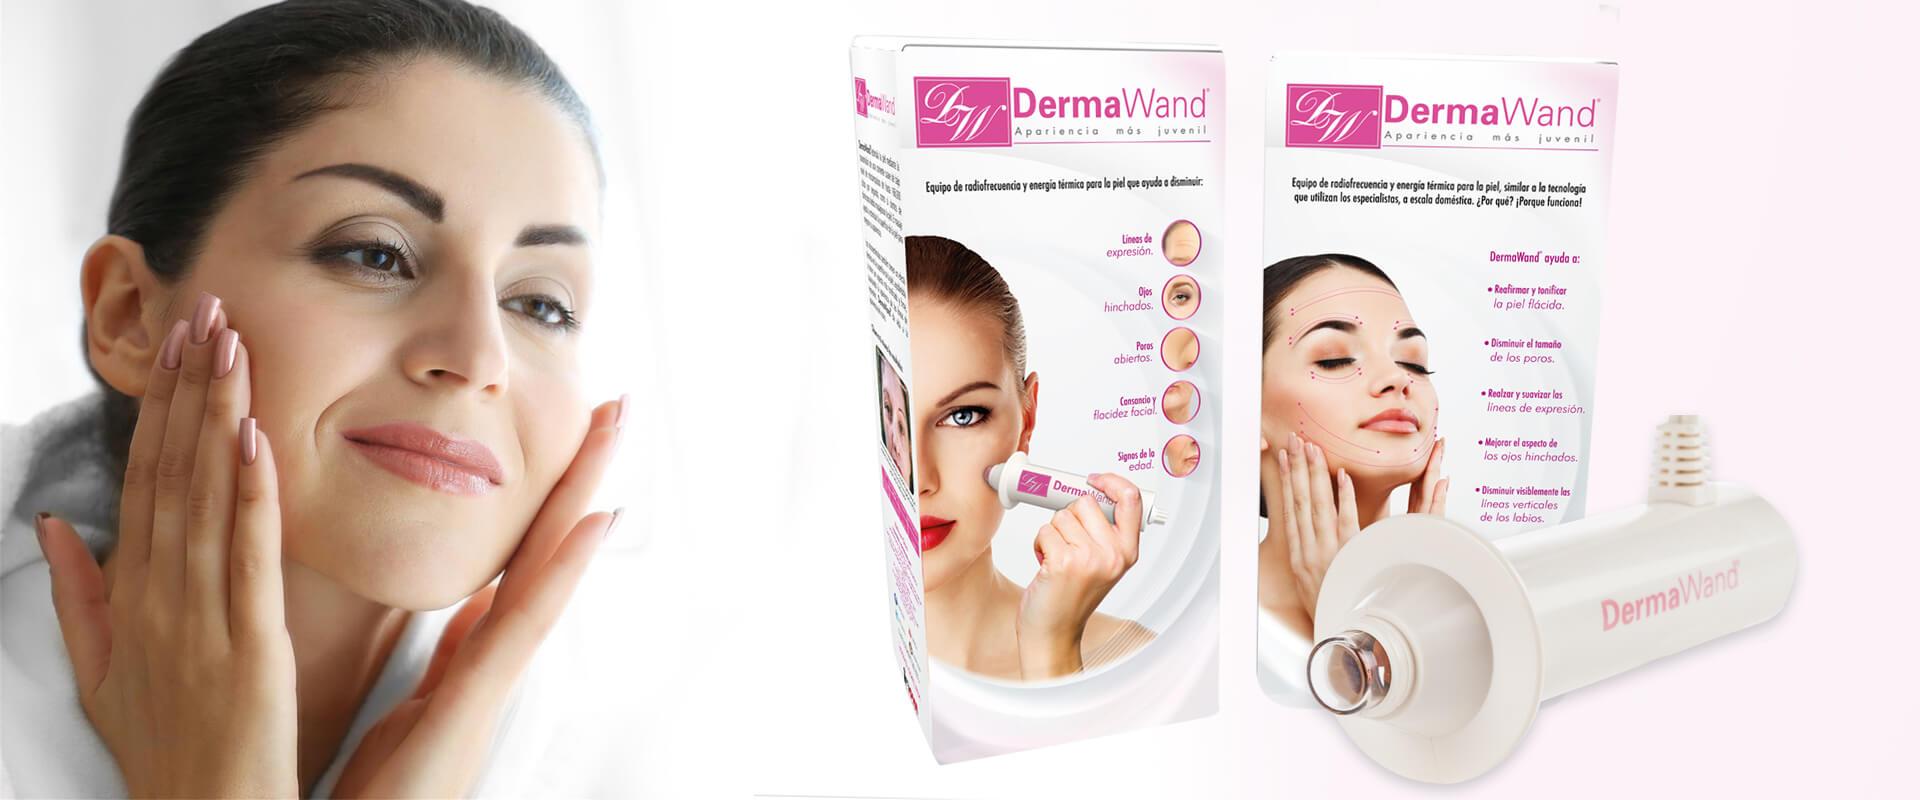 dermawand-mujer-uso